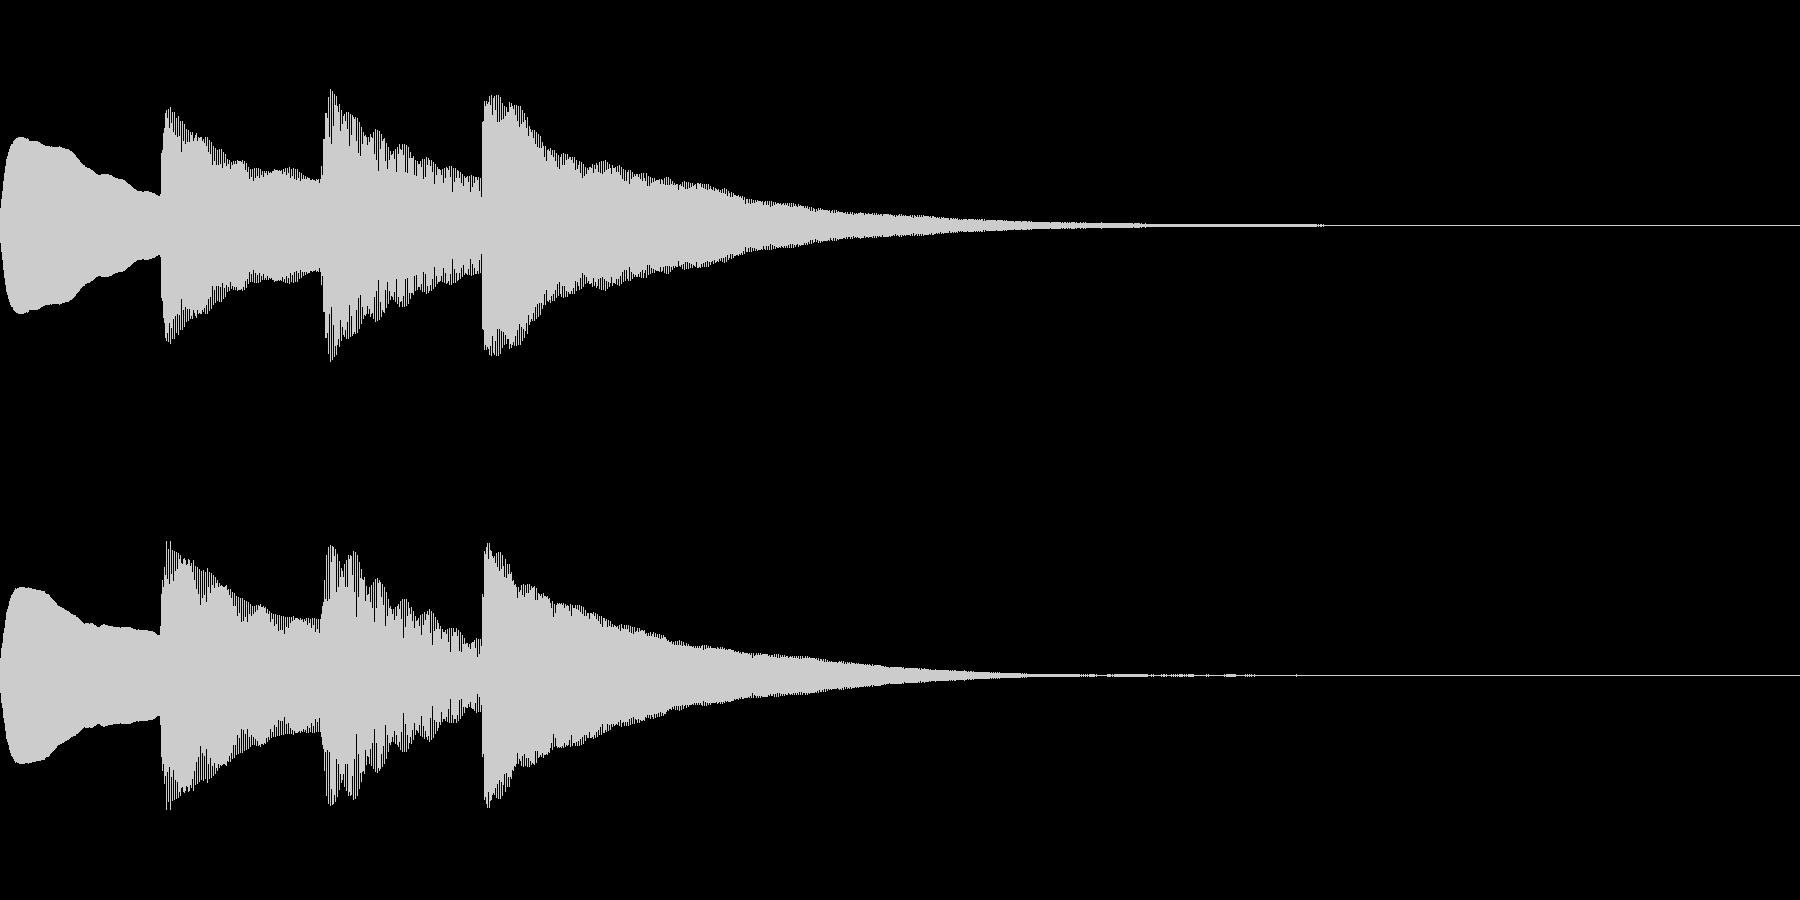 お知らせ・アナウンス音B上昇(普通)04の未再生の波形